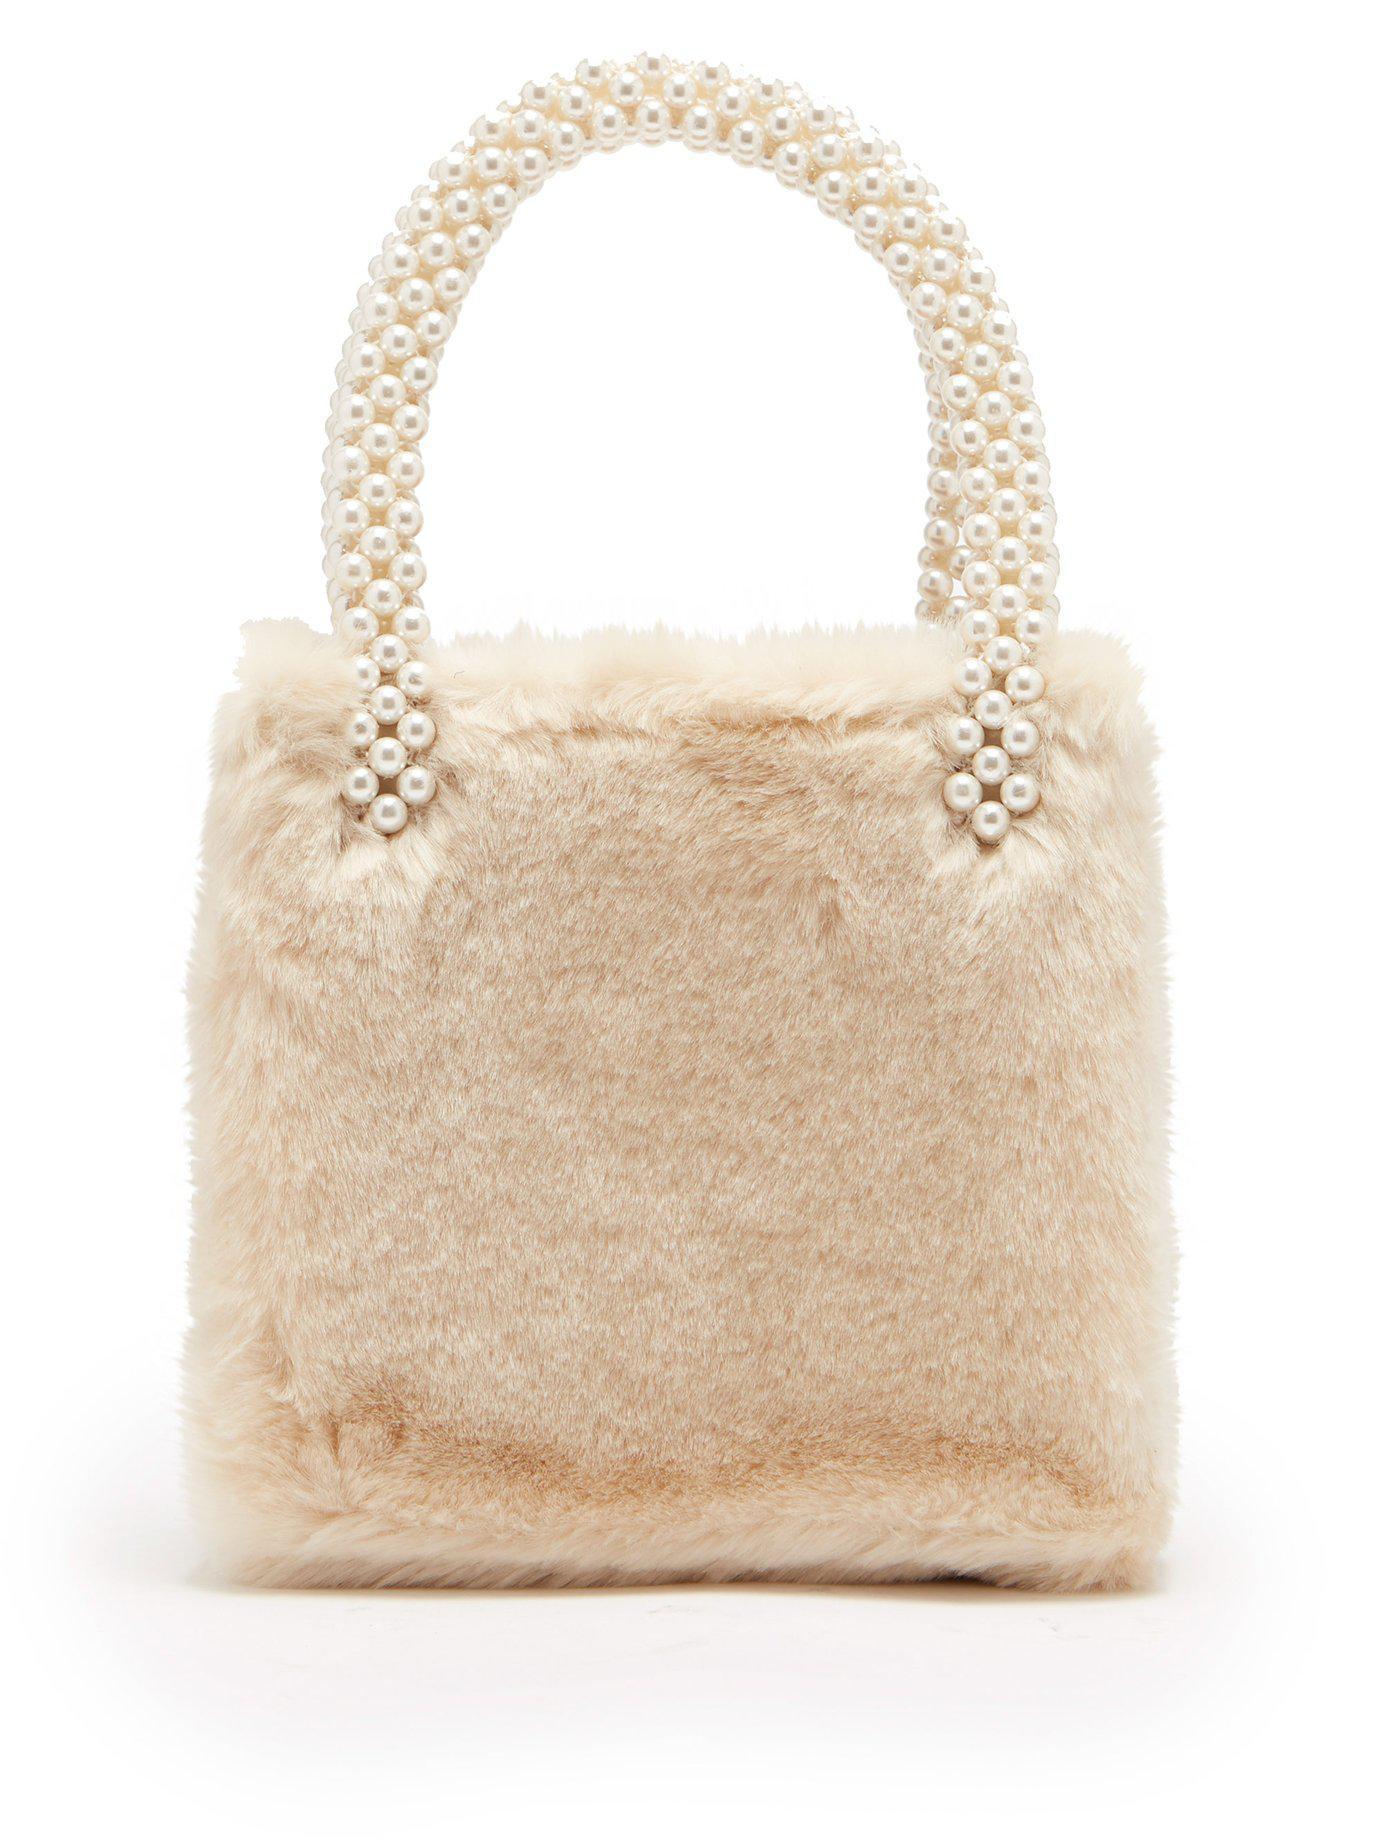 Shrimps Una Faux Fur Bag in White - Lyst 97ddafab7dacd